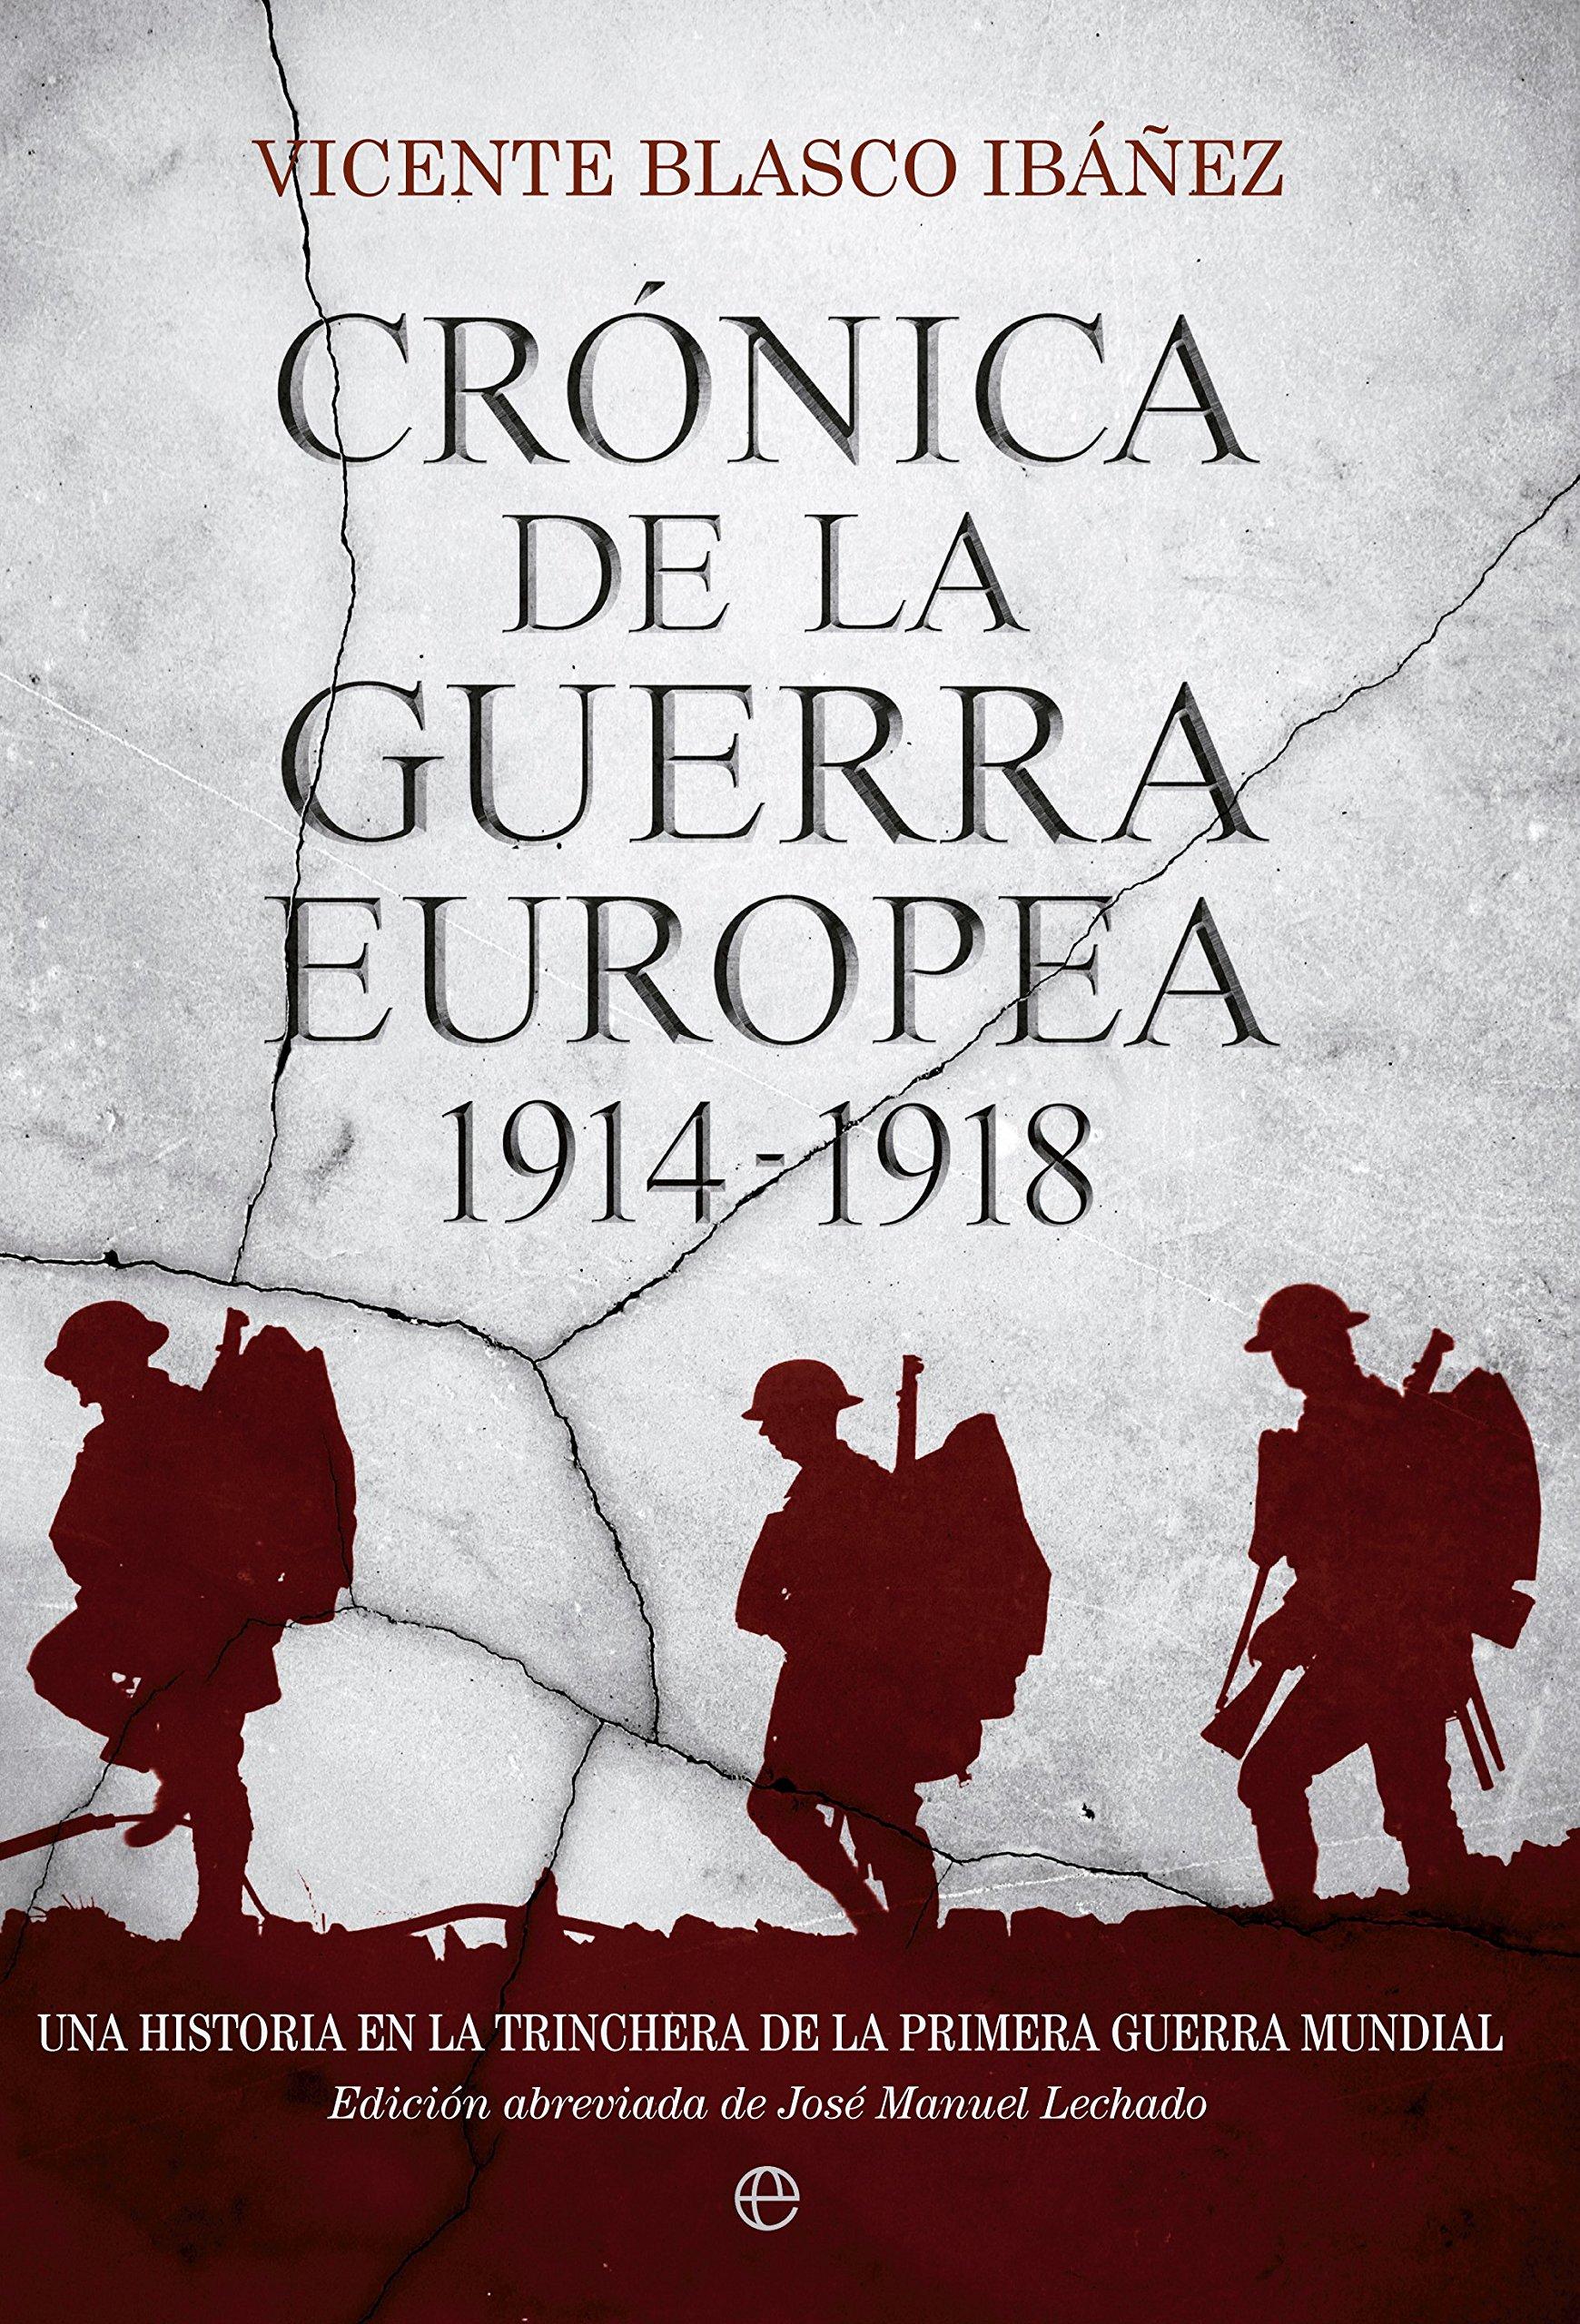 Crónica De La Guerra Europea. Una Historia De La Primera Guerra Mundial: Amazon.es: Vicente Blasco Ibáñez: Libros